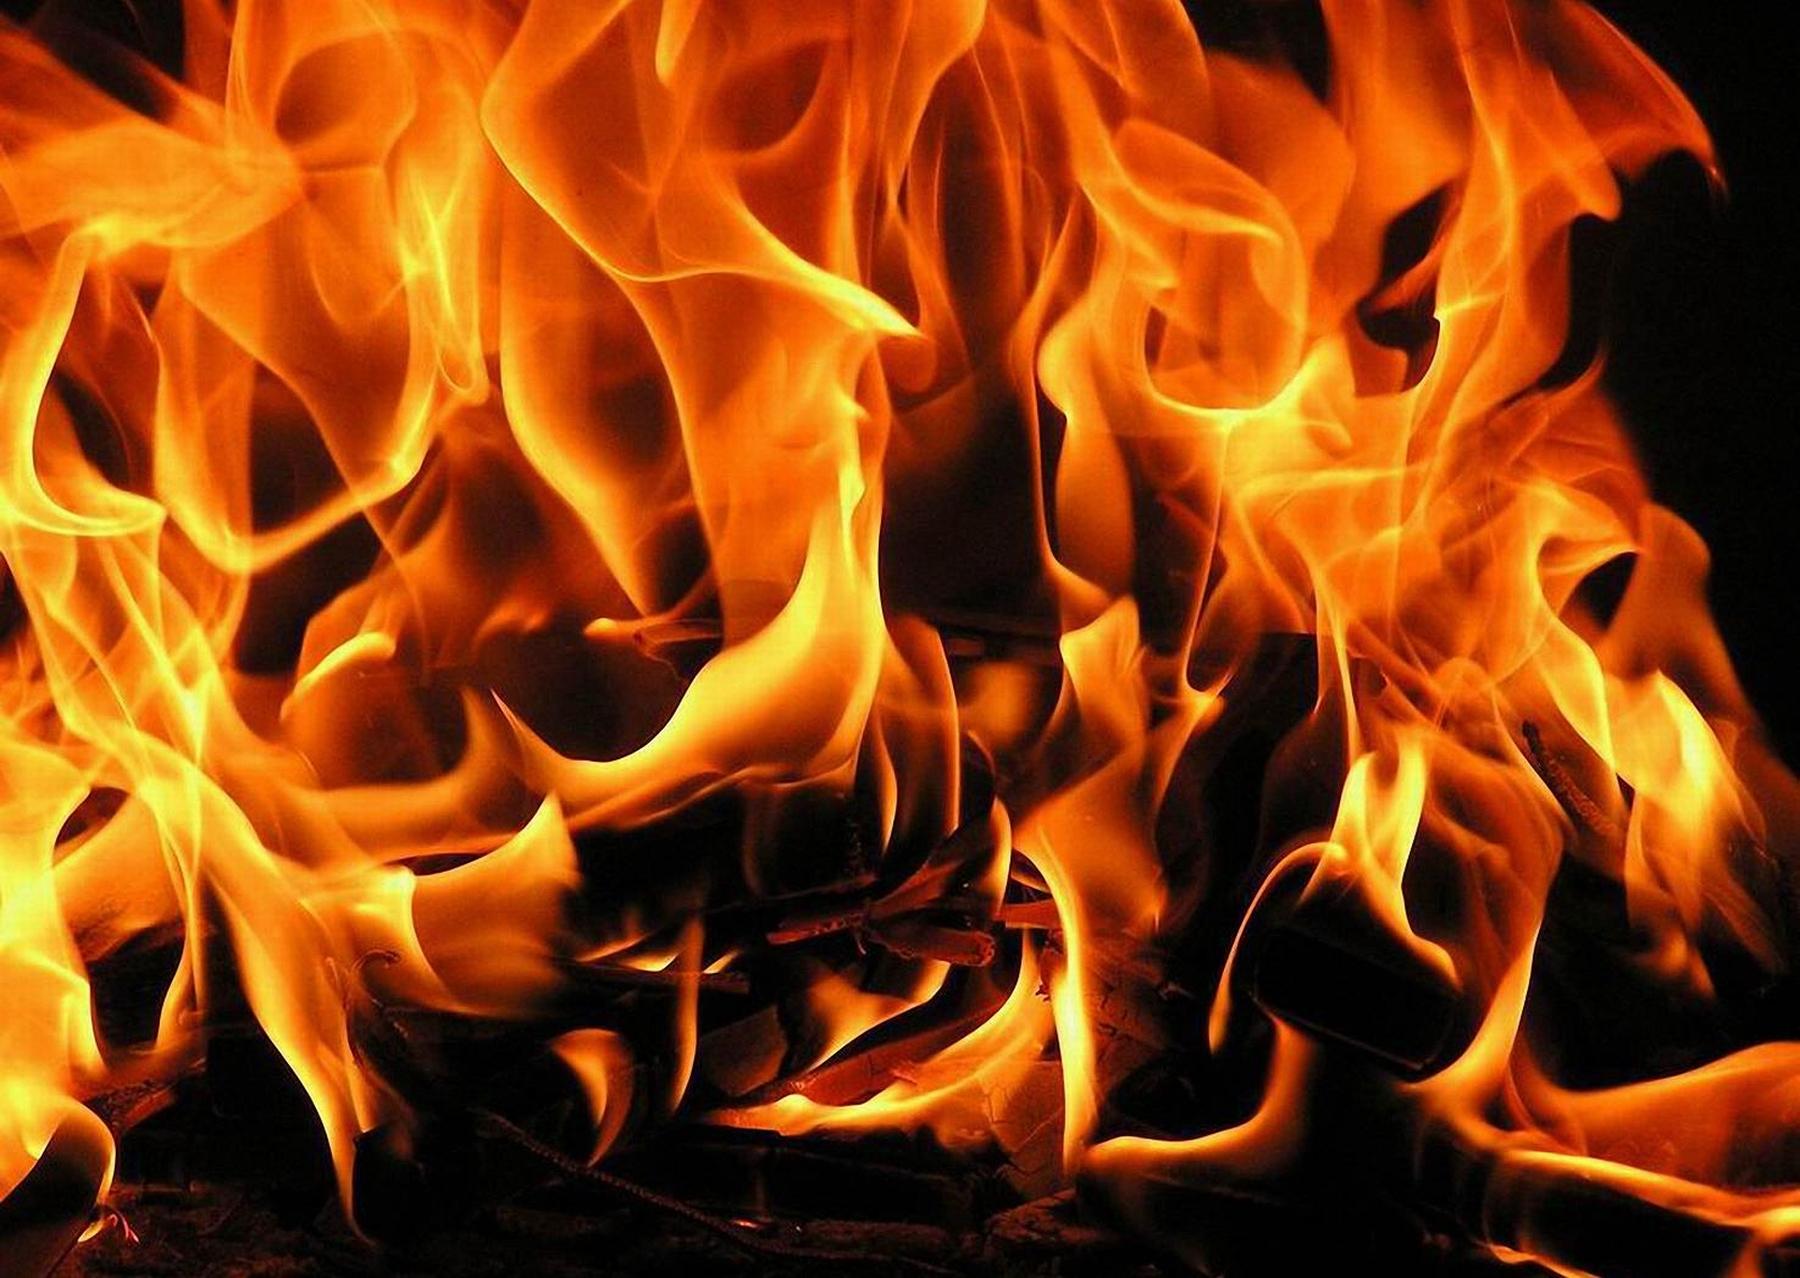 Сотрудница МЧС самостоятельно эвакуировала людей и потушила пожар